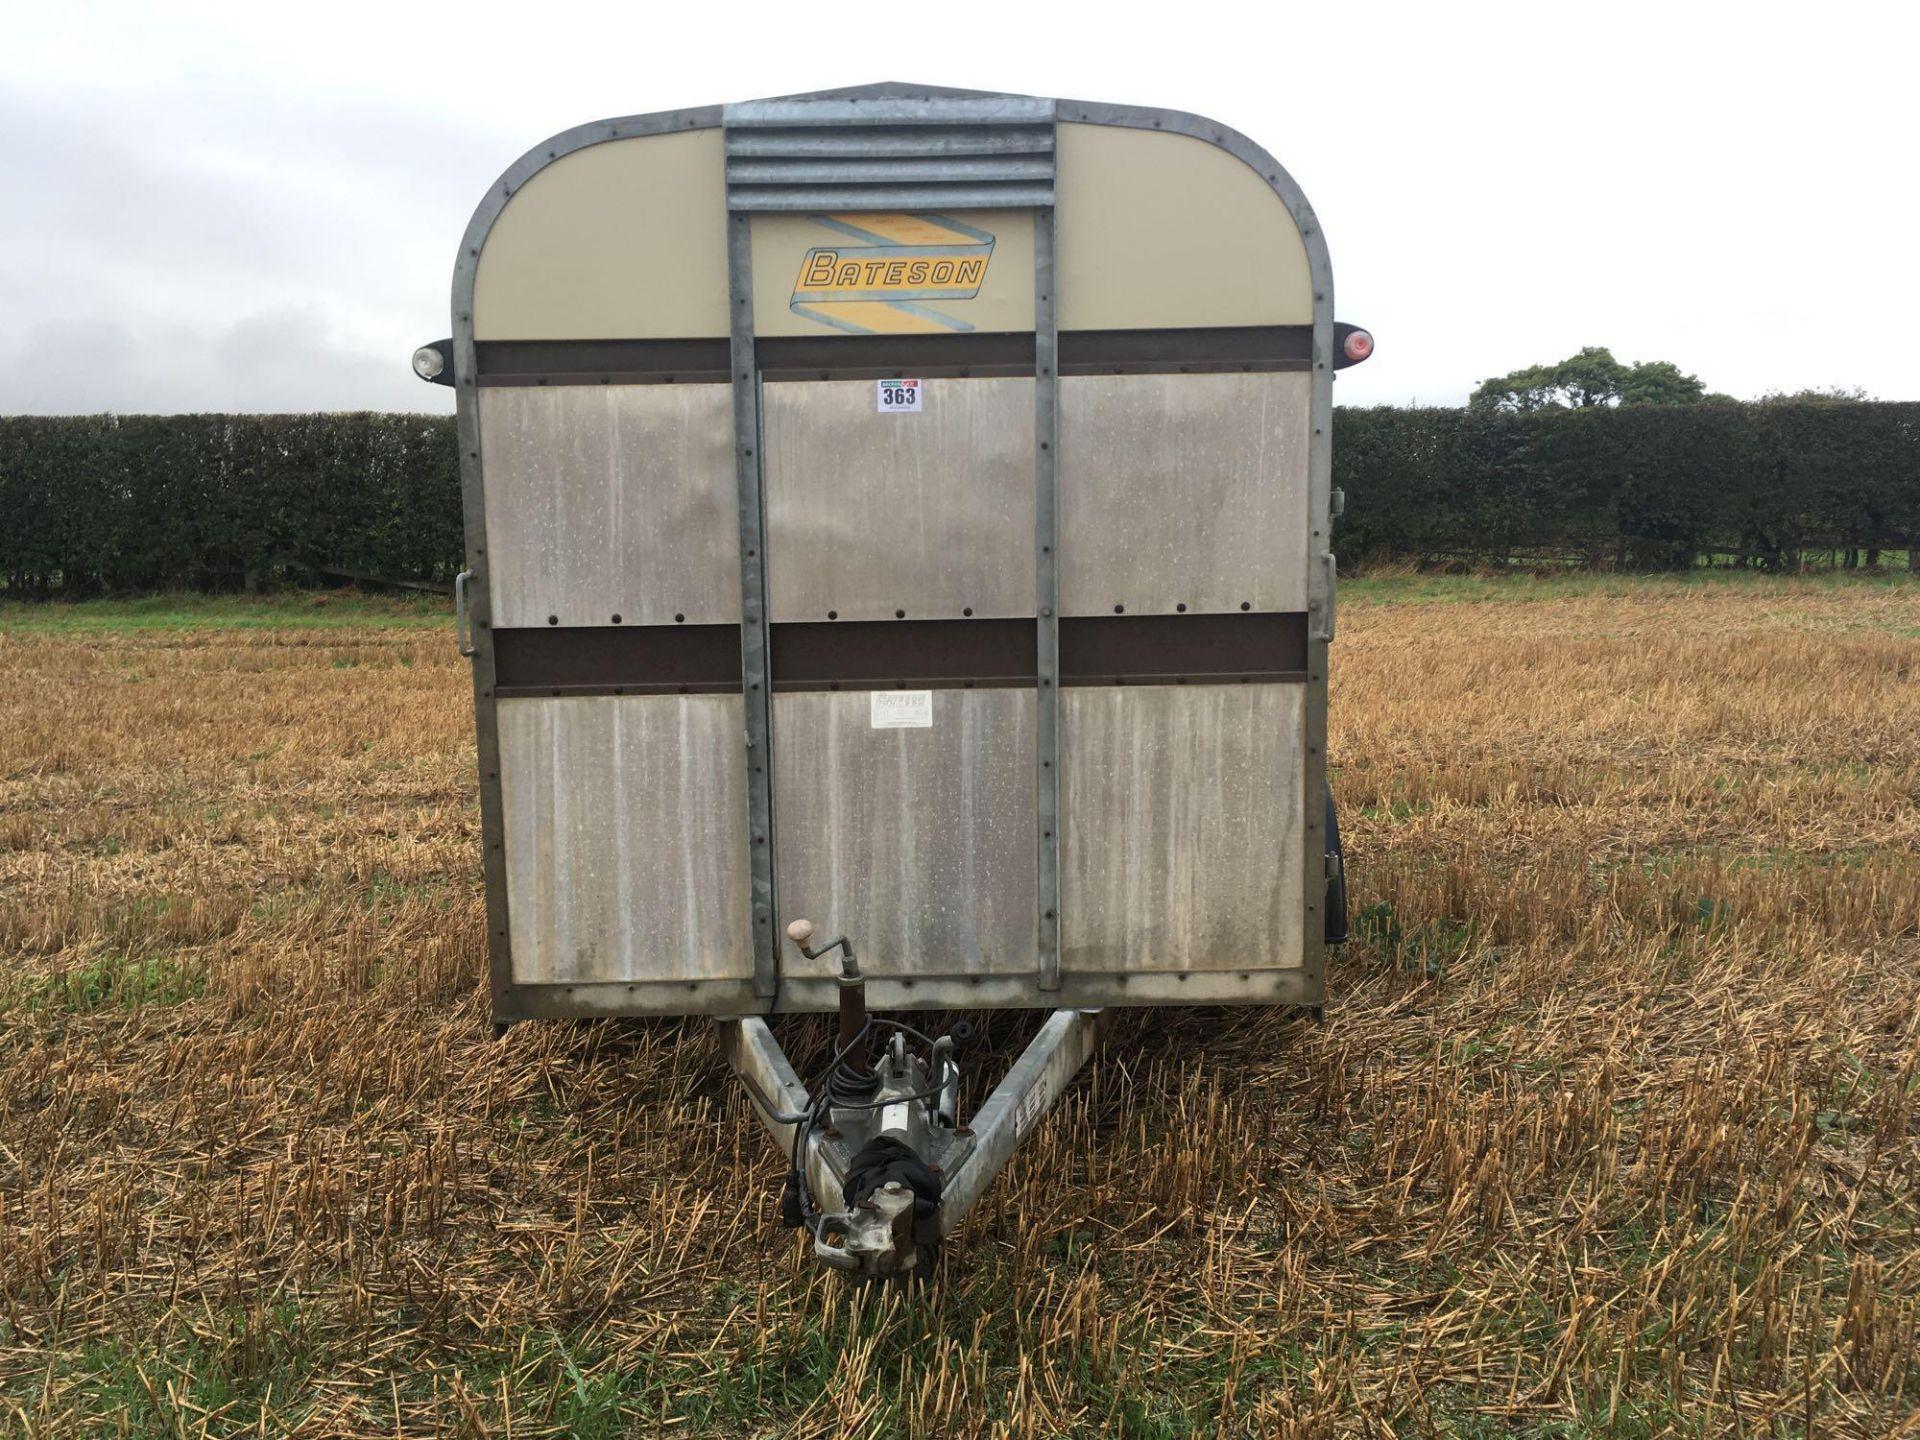 1996 Bateson Trailers 45LT twin axle livestock box, sprung rear door, side door, home made calf part